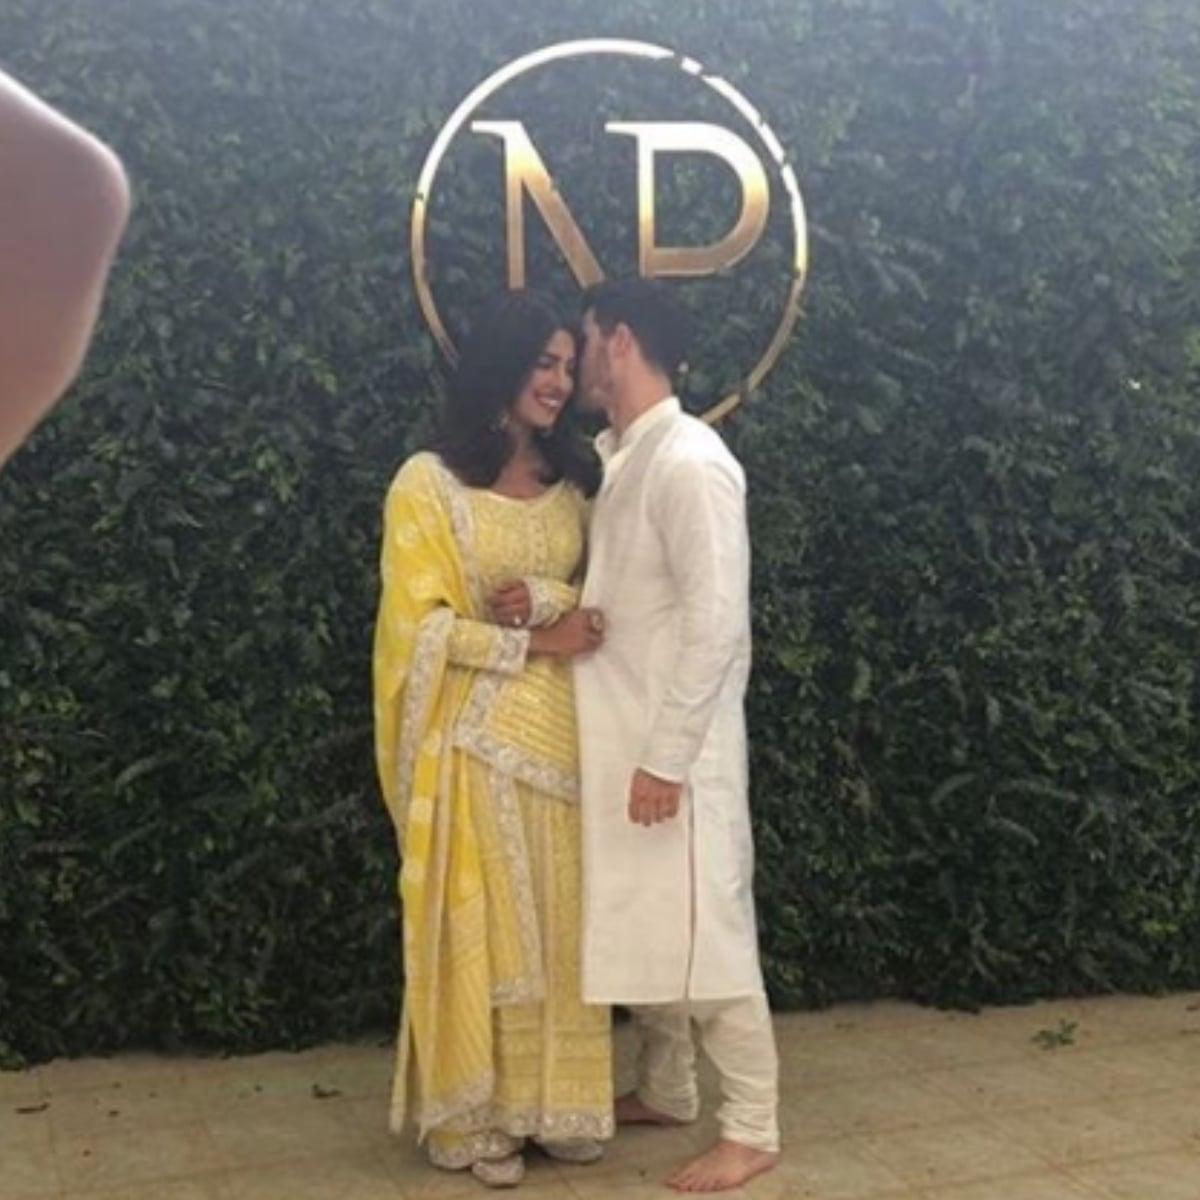 پریانکا نے 18 اگست کو امریکی گلوکار سے منگنی کی—فوٹو: انسٹاگرام